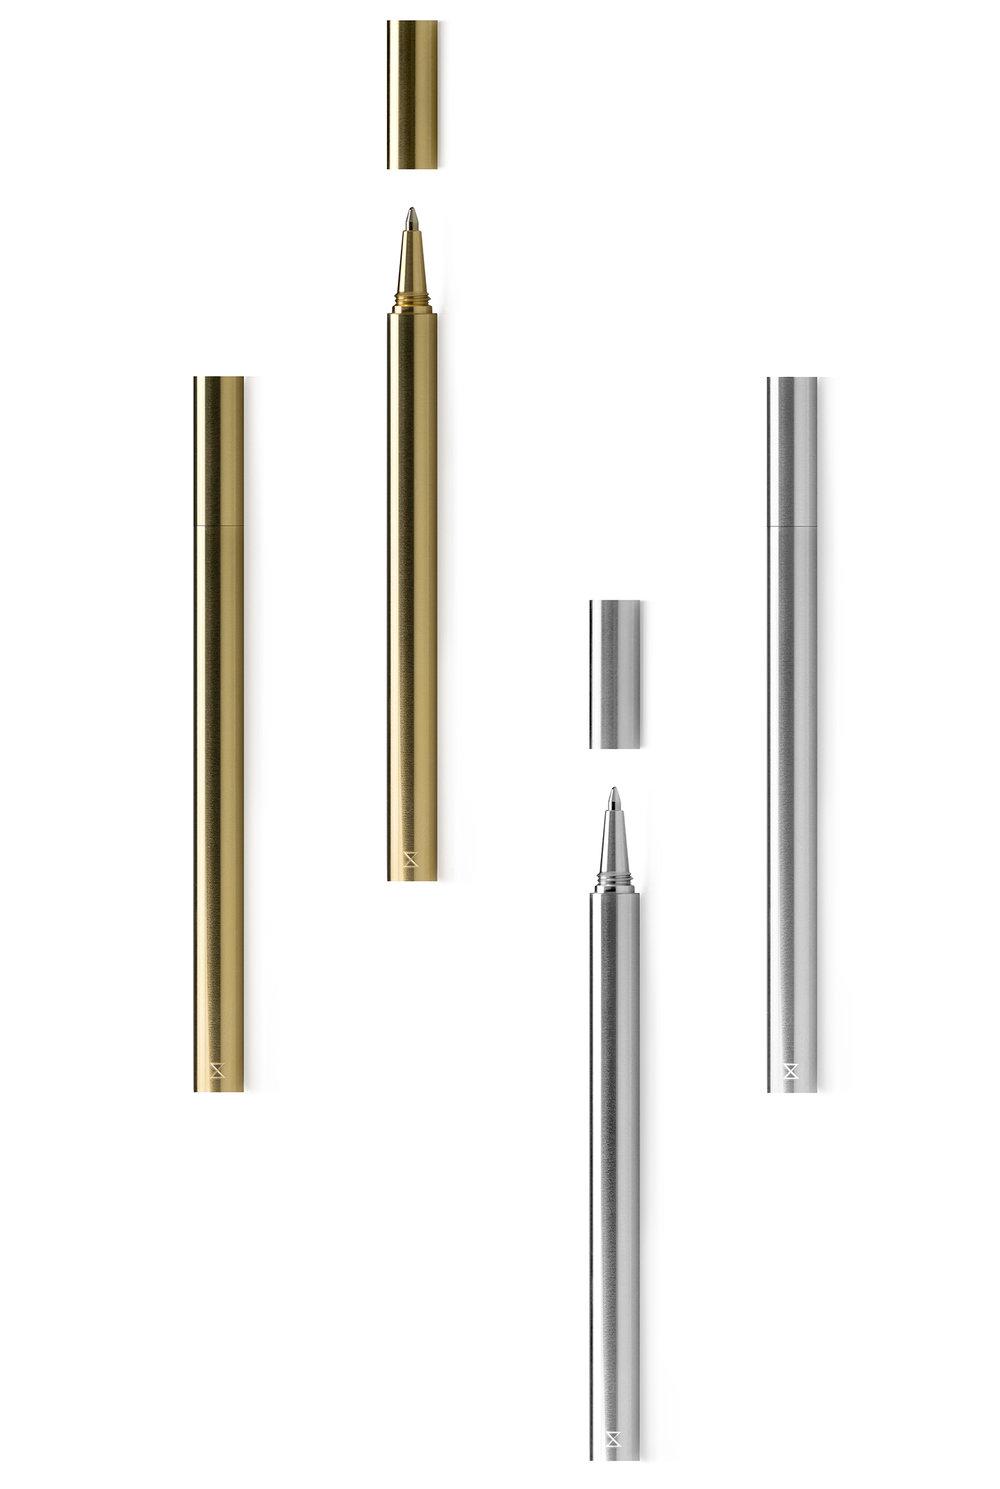 策展人:这款钢笔的选材考究,制作工艺精湛,绝对会让你爱不释手。 - 钢笔和笔帽由单根实心黄铜或铝材精密加工而成。